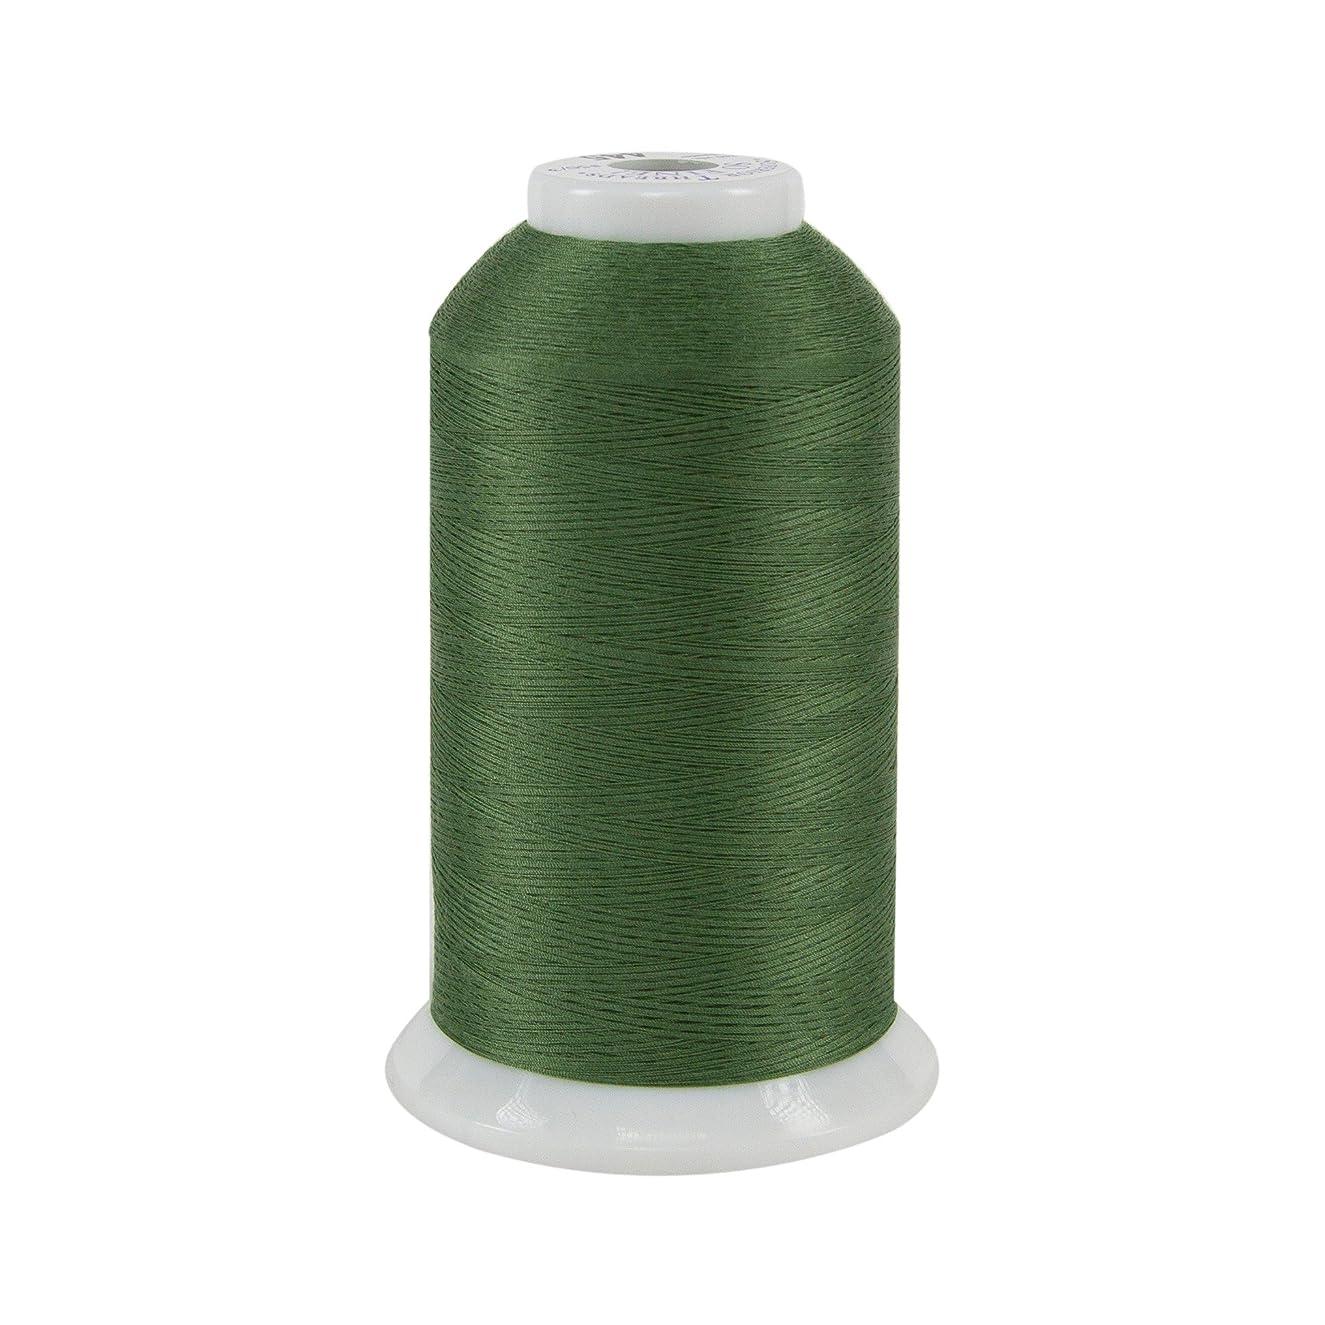 Superior Threads 11602-445 So Fine Fern 3-Ply 50W Polyester Thread, 3280 yd